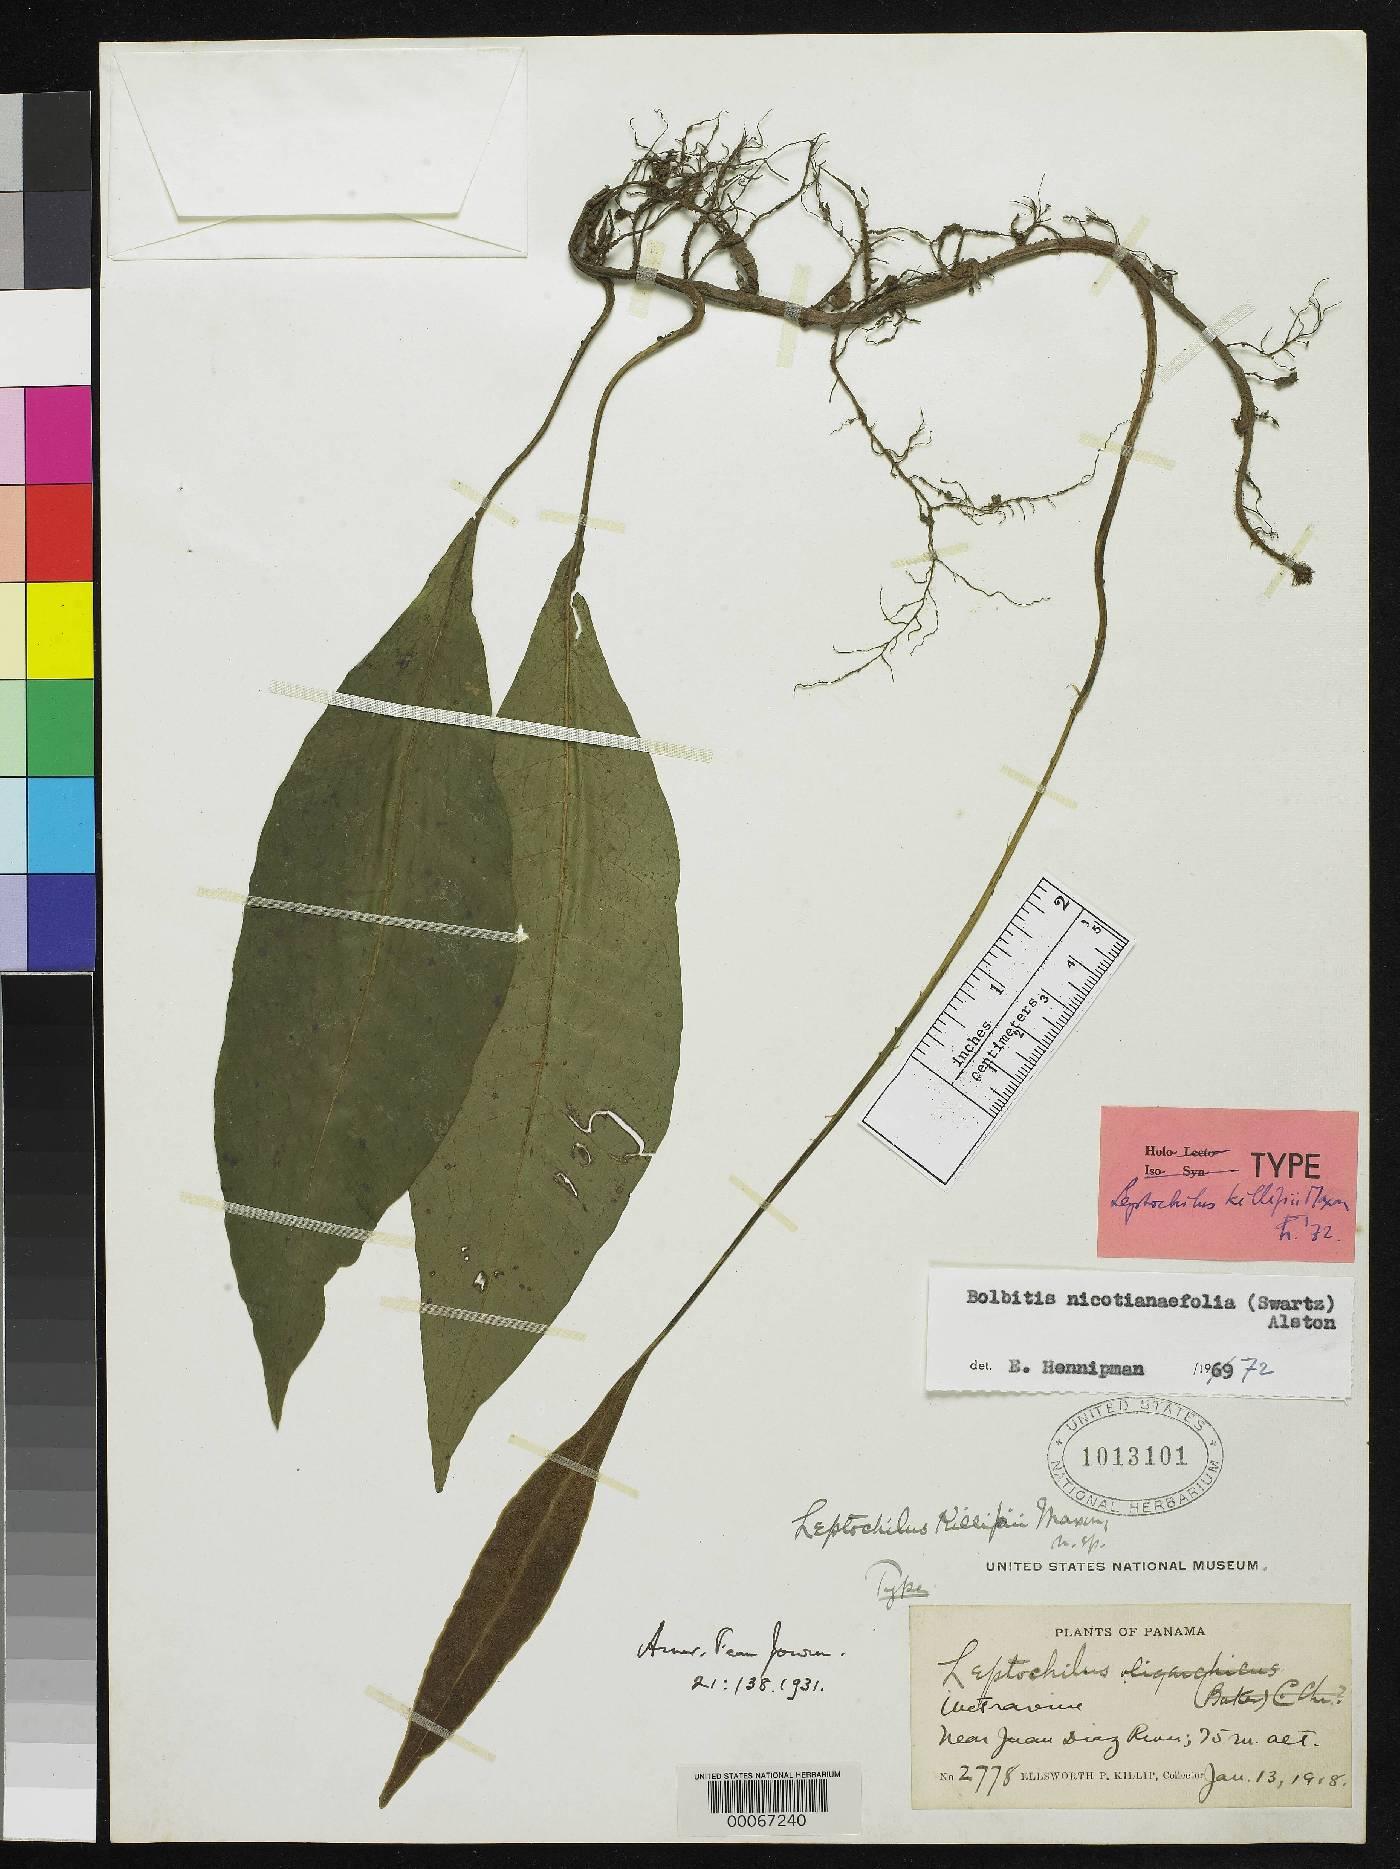 Leptochilus killipii image